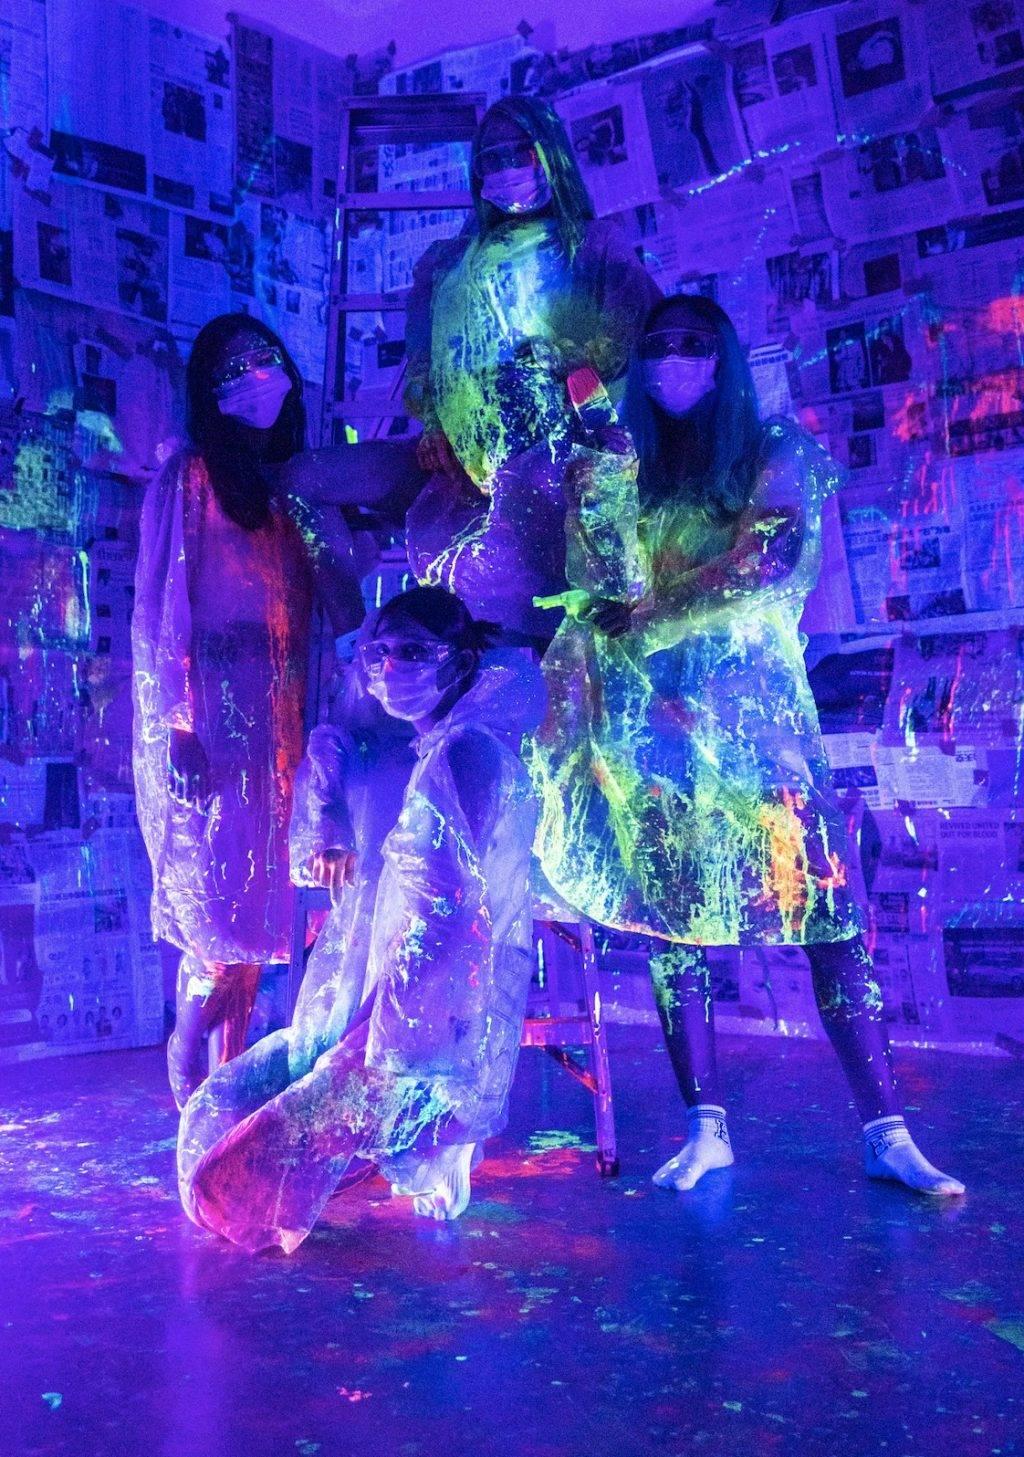 升级版Art Jamming🎨The Neon Playground作画蹦迪两不误🙌1月22日限时活动:夜光喷枪+水汽球+DJ打碟🎼